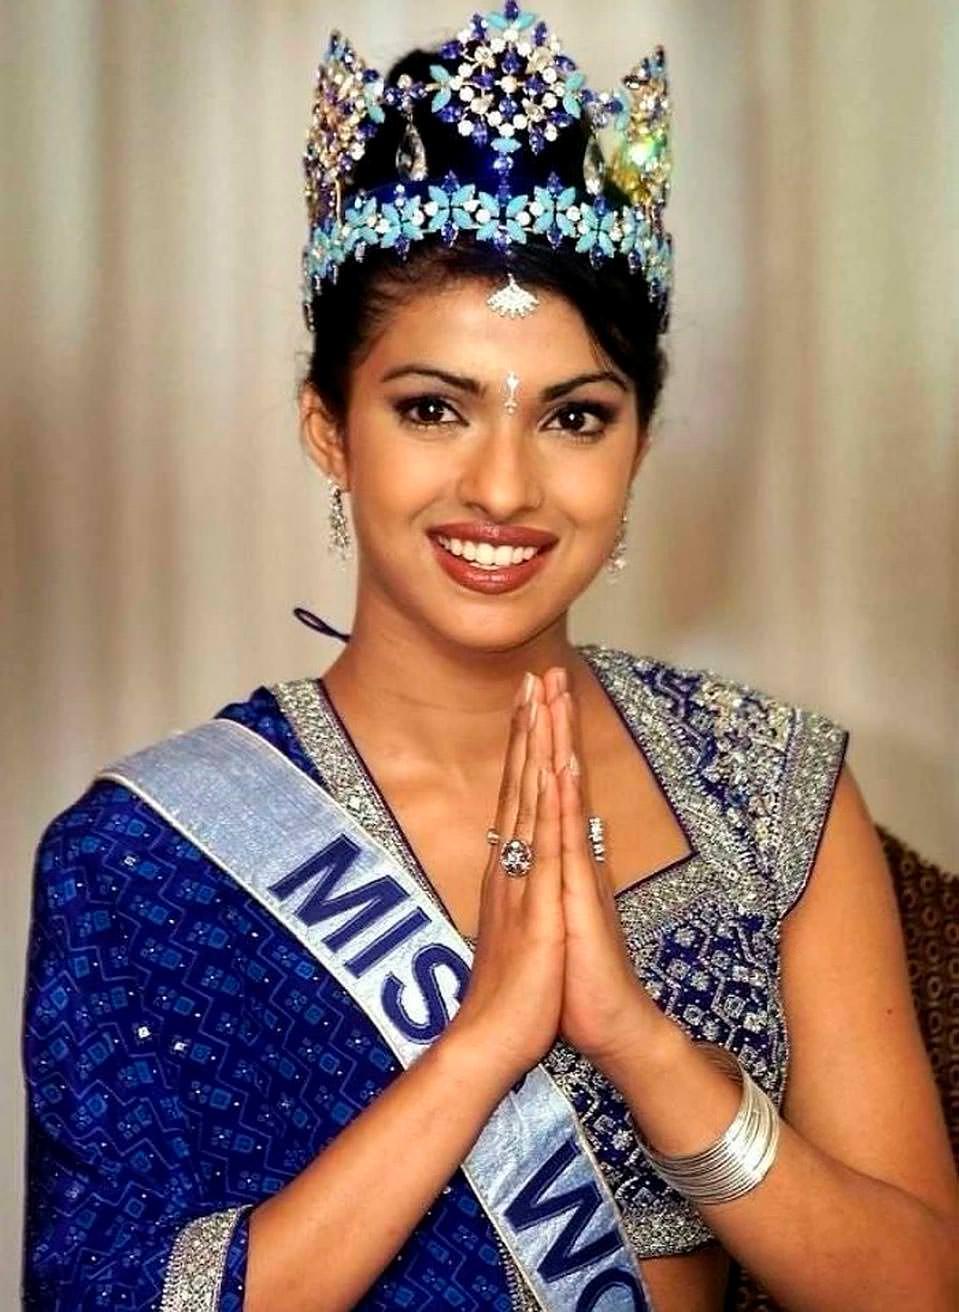 Фото   Мисс Мира 2000 года Приянка Чопра